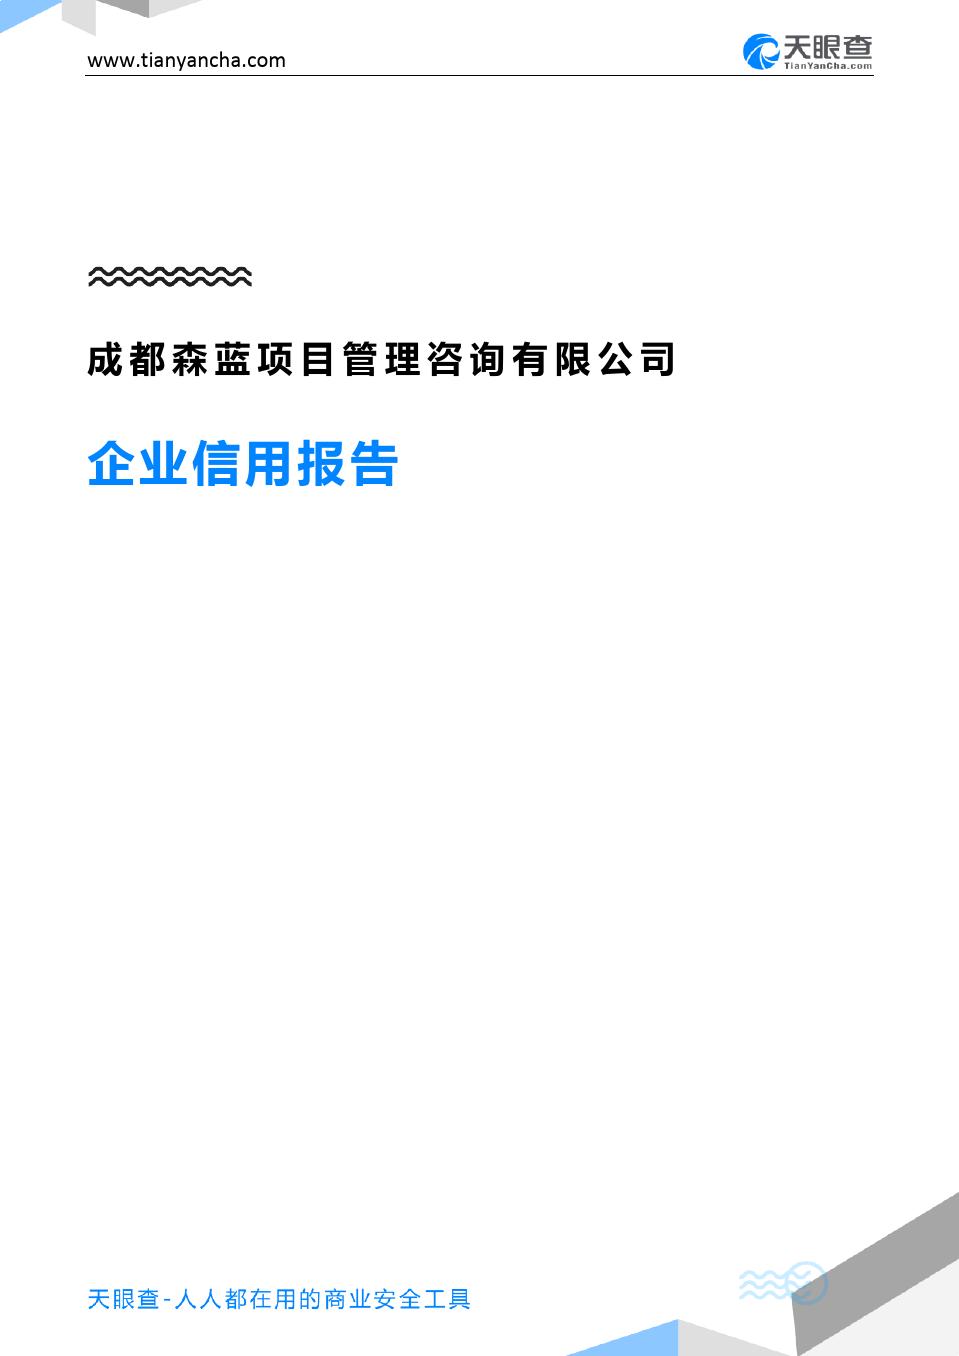 成都森蓝项目管理咨询有限公司(企业信用报告)- 天眼查